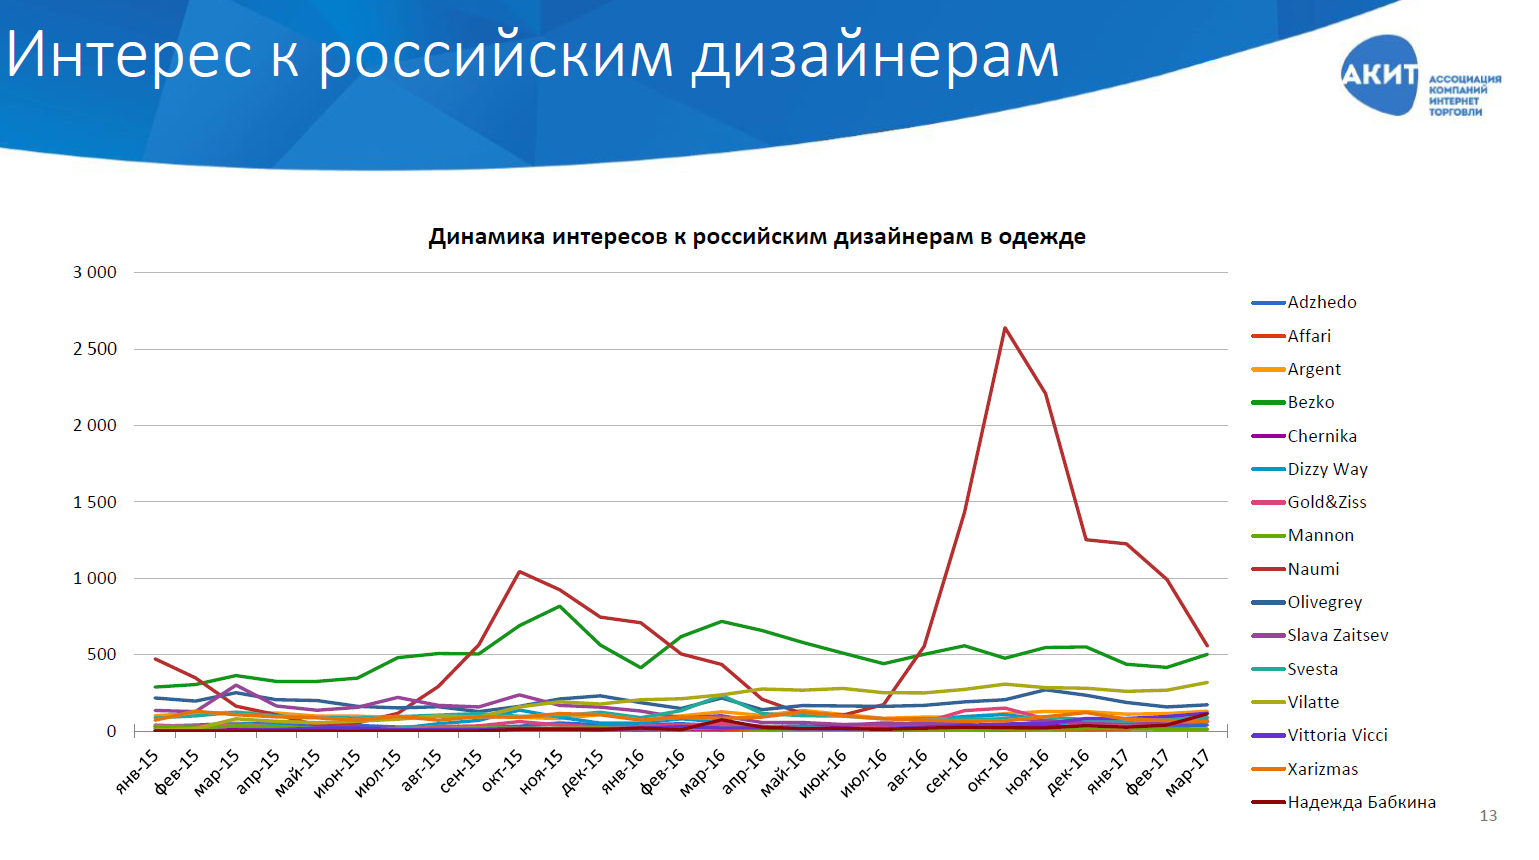 4a7a90939e3 Больше всего одежду и обувь российского производства в 2016 году в России  покупали в Москве - 65% всех продаж. На втором месте Московская область с  18% ...